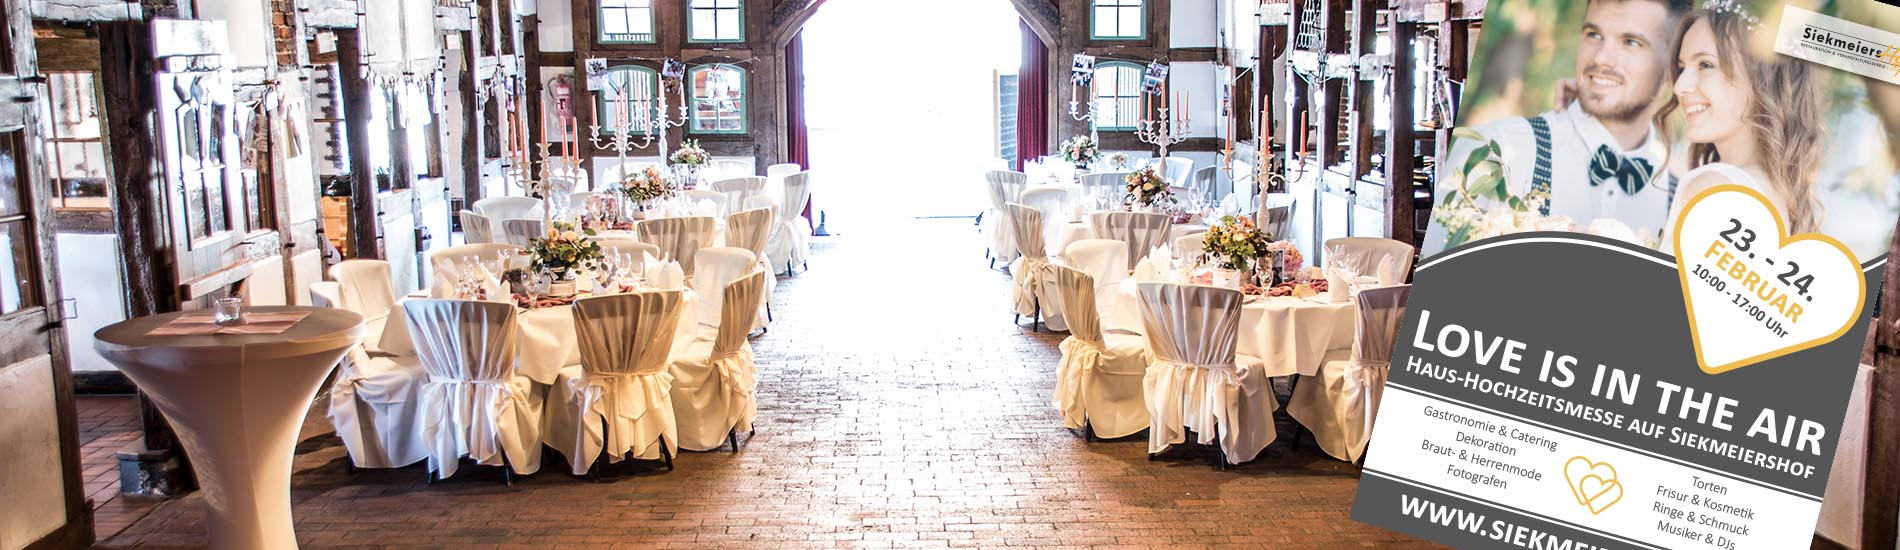 Haus-Hochzeitsmesse auf Siekmeiers Hof